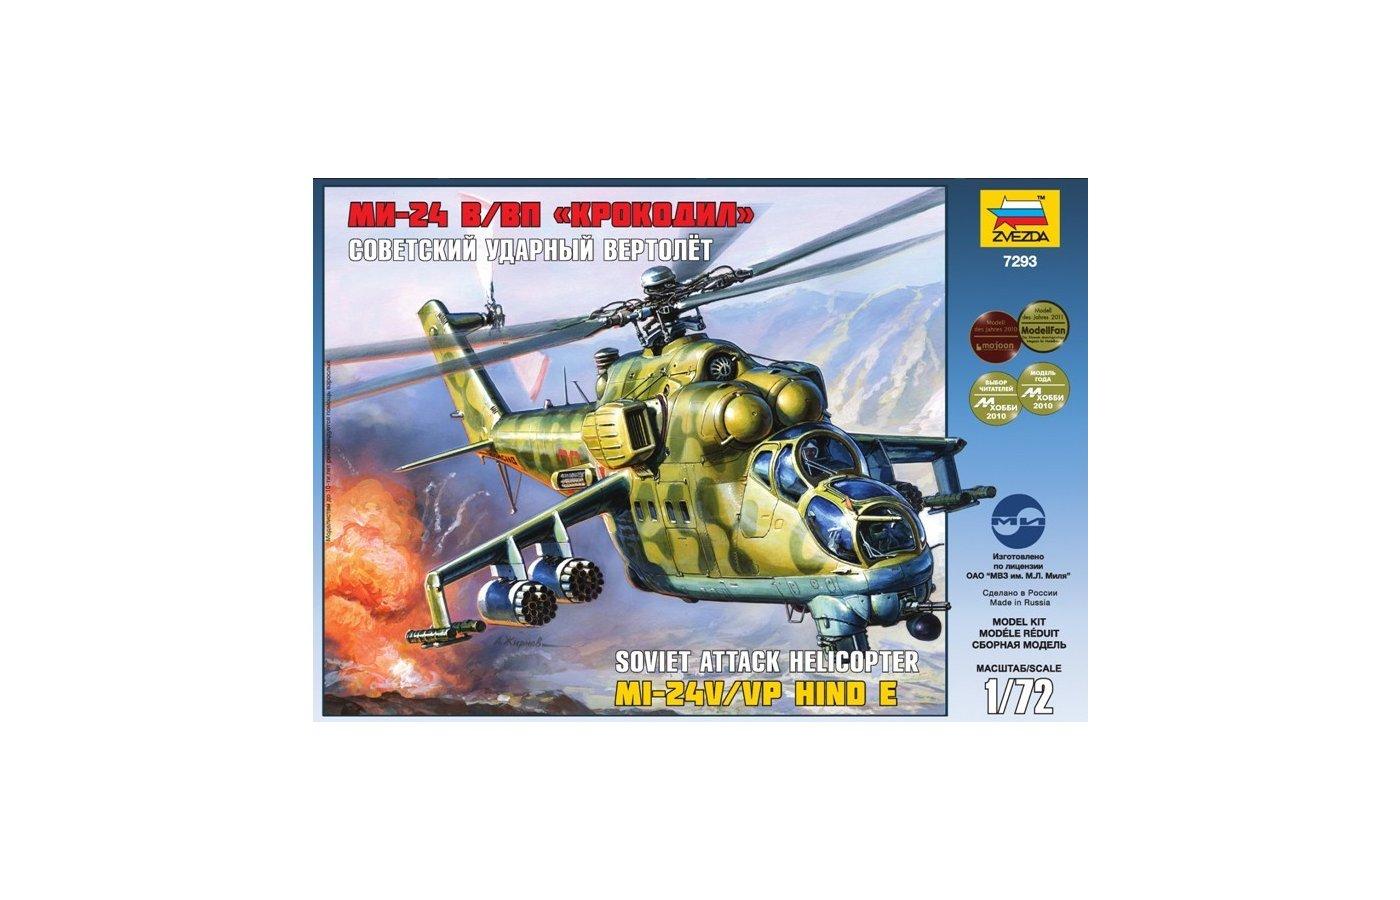 Конструктор ЗВЕЗДА 7293 Советский ударный вертолёт Ми-24 В/ВП Крокодил